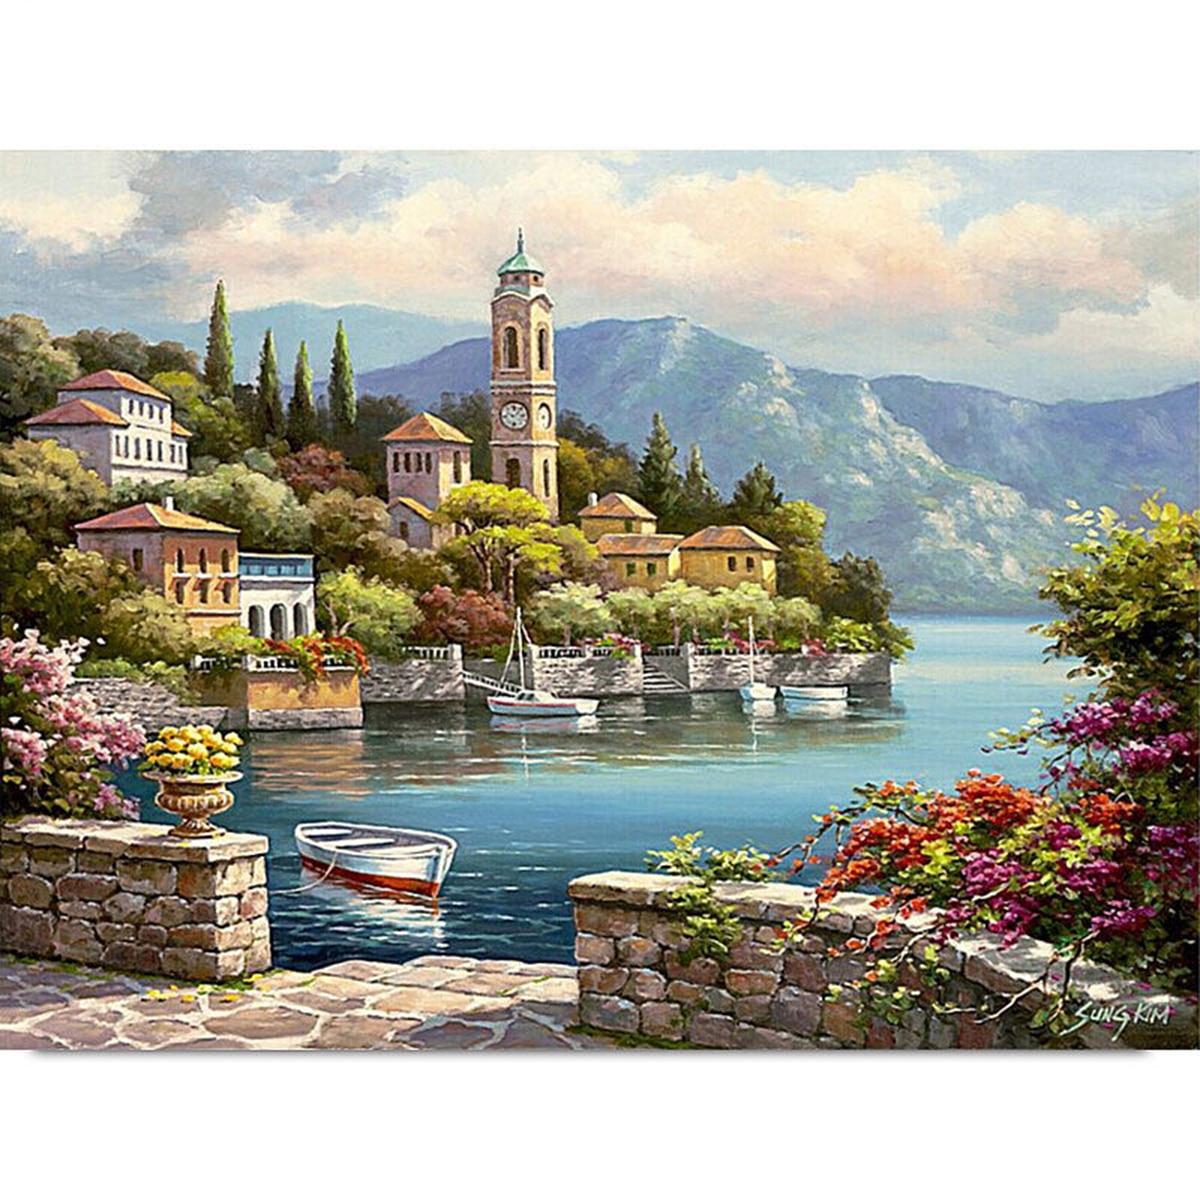 Newest 50*40cm DIY Paint By Number Kit Digital Oil Painting Canvas Romantic HarbourNewest 50*40cm DIY Paint By Number Kit Digital Oil Painting Canvas Romantic Harbour